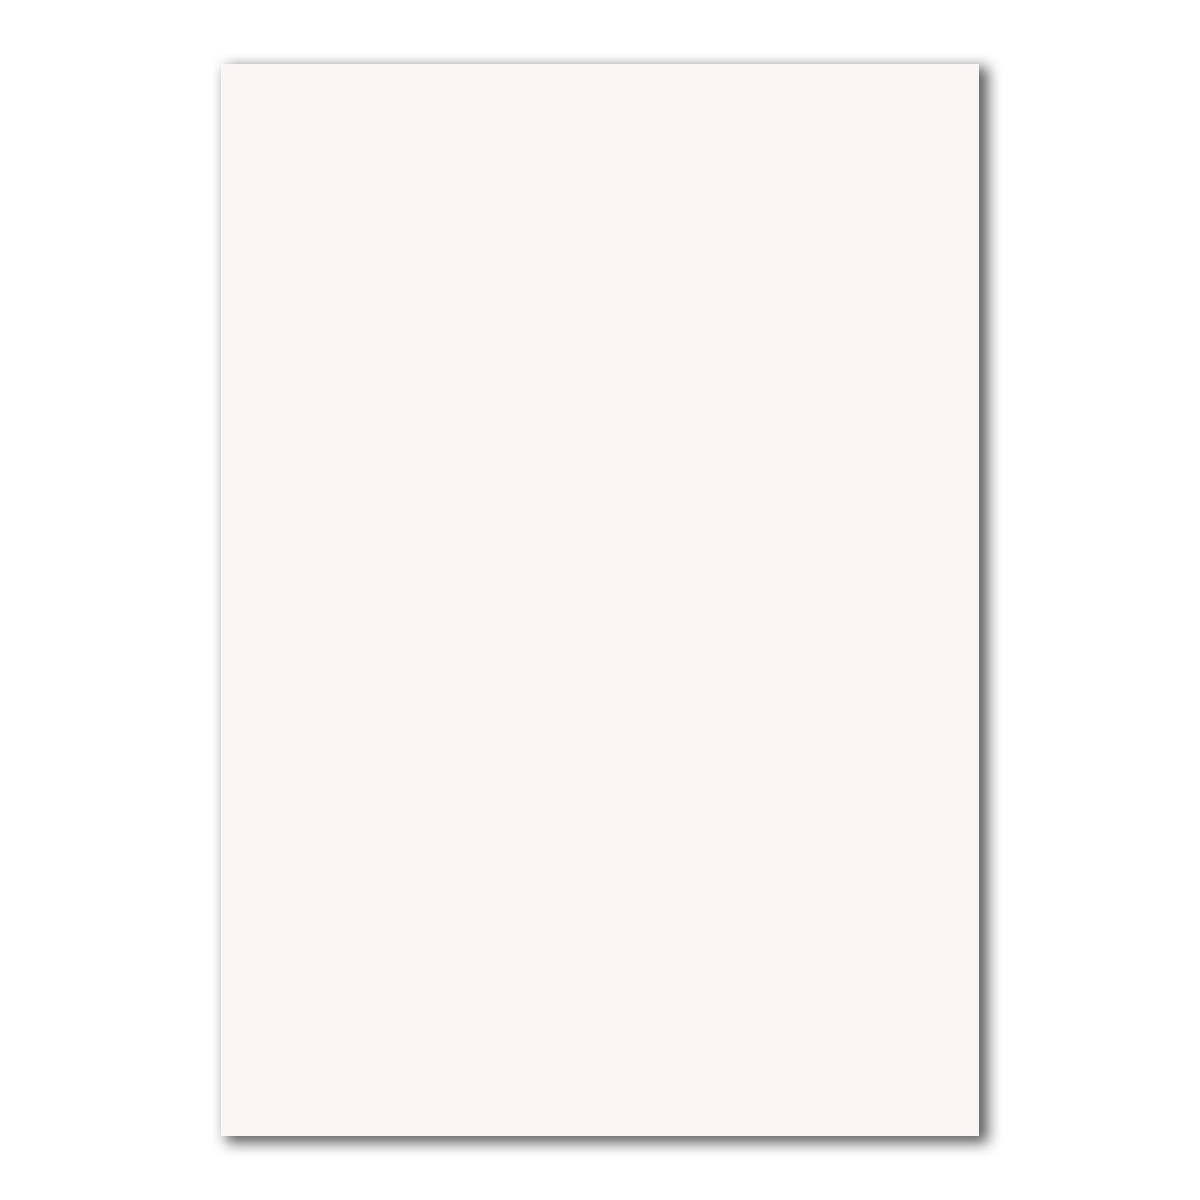 200 Blatt Ton-Karton DIN A4 - Farbe  Lila -Ton-Papier 240 g m² gerippte Oberfläche - Ton-Zeichen-Papier Bastel-Papier Bastel-Karton - Glüxx-Agent B07K1KCVCM | Nutzen Sie Materialien voll aus